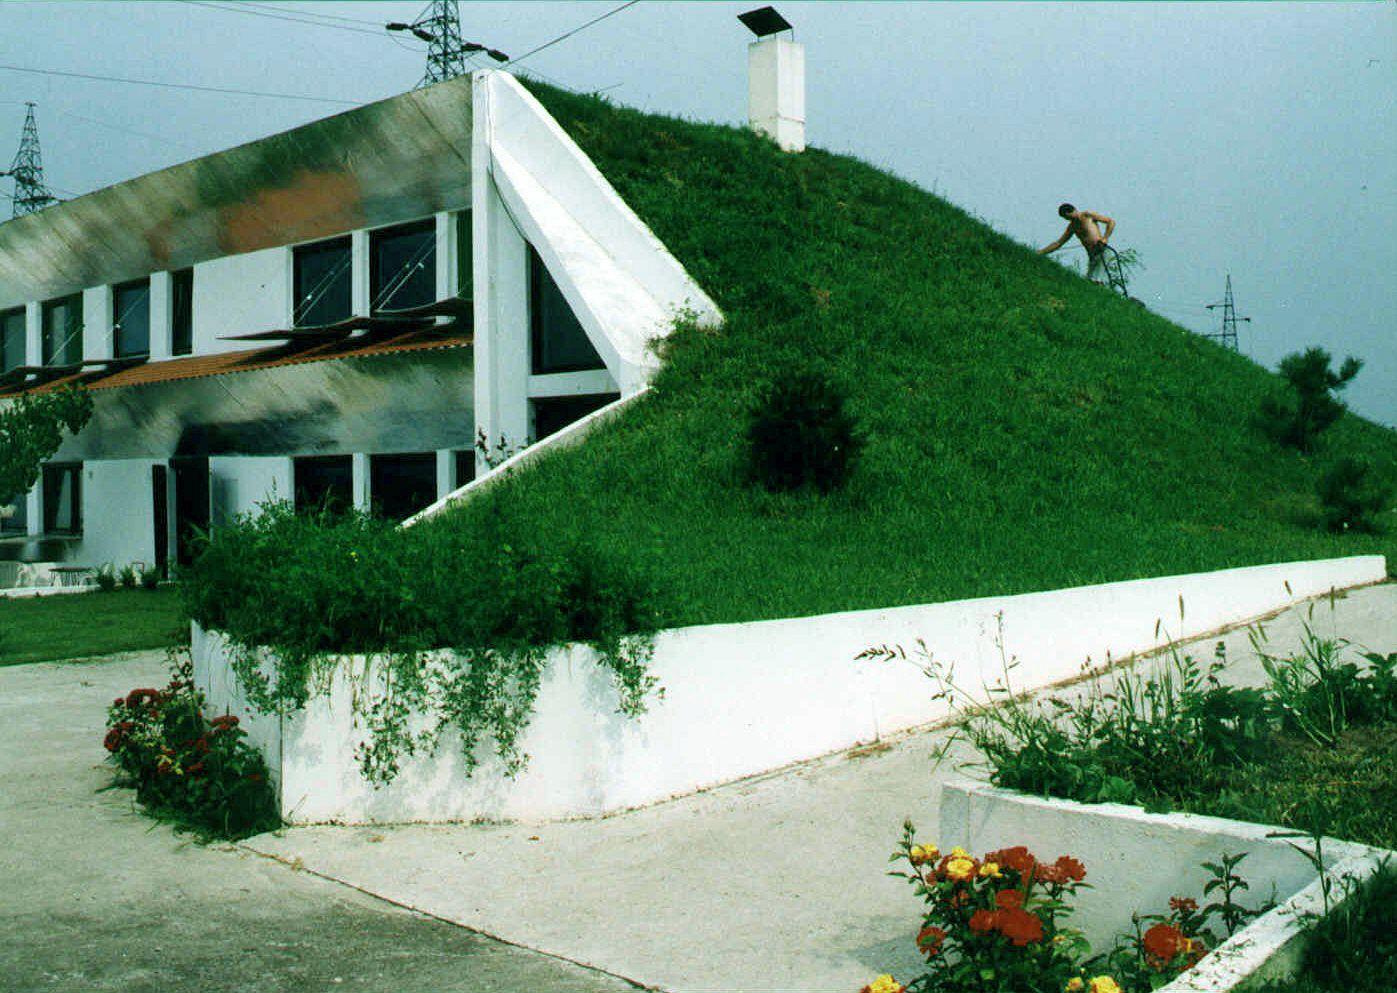 Materiali ecologici per la casa: quali sono e dove trovarli